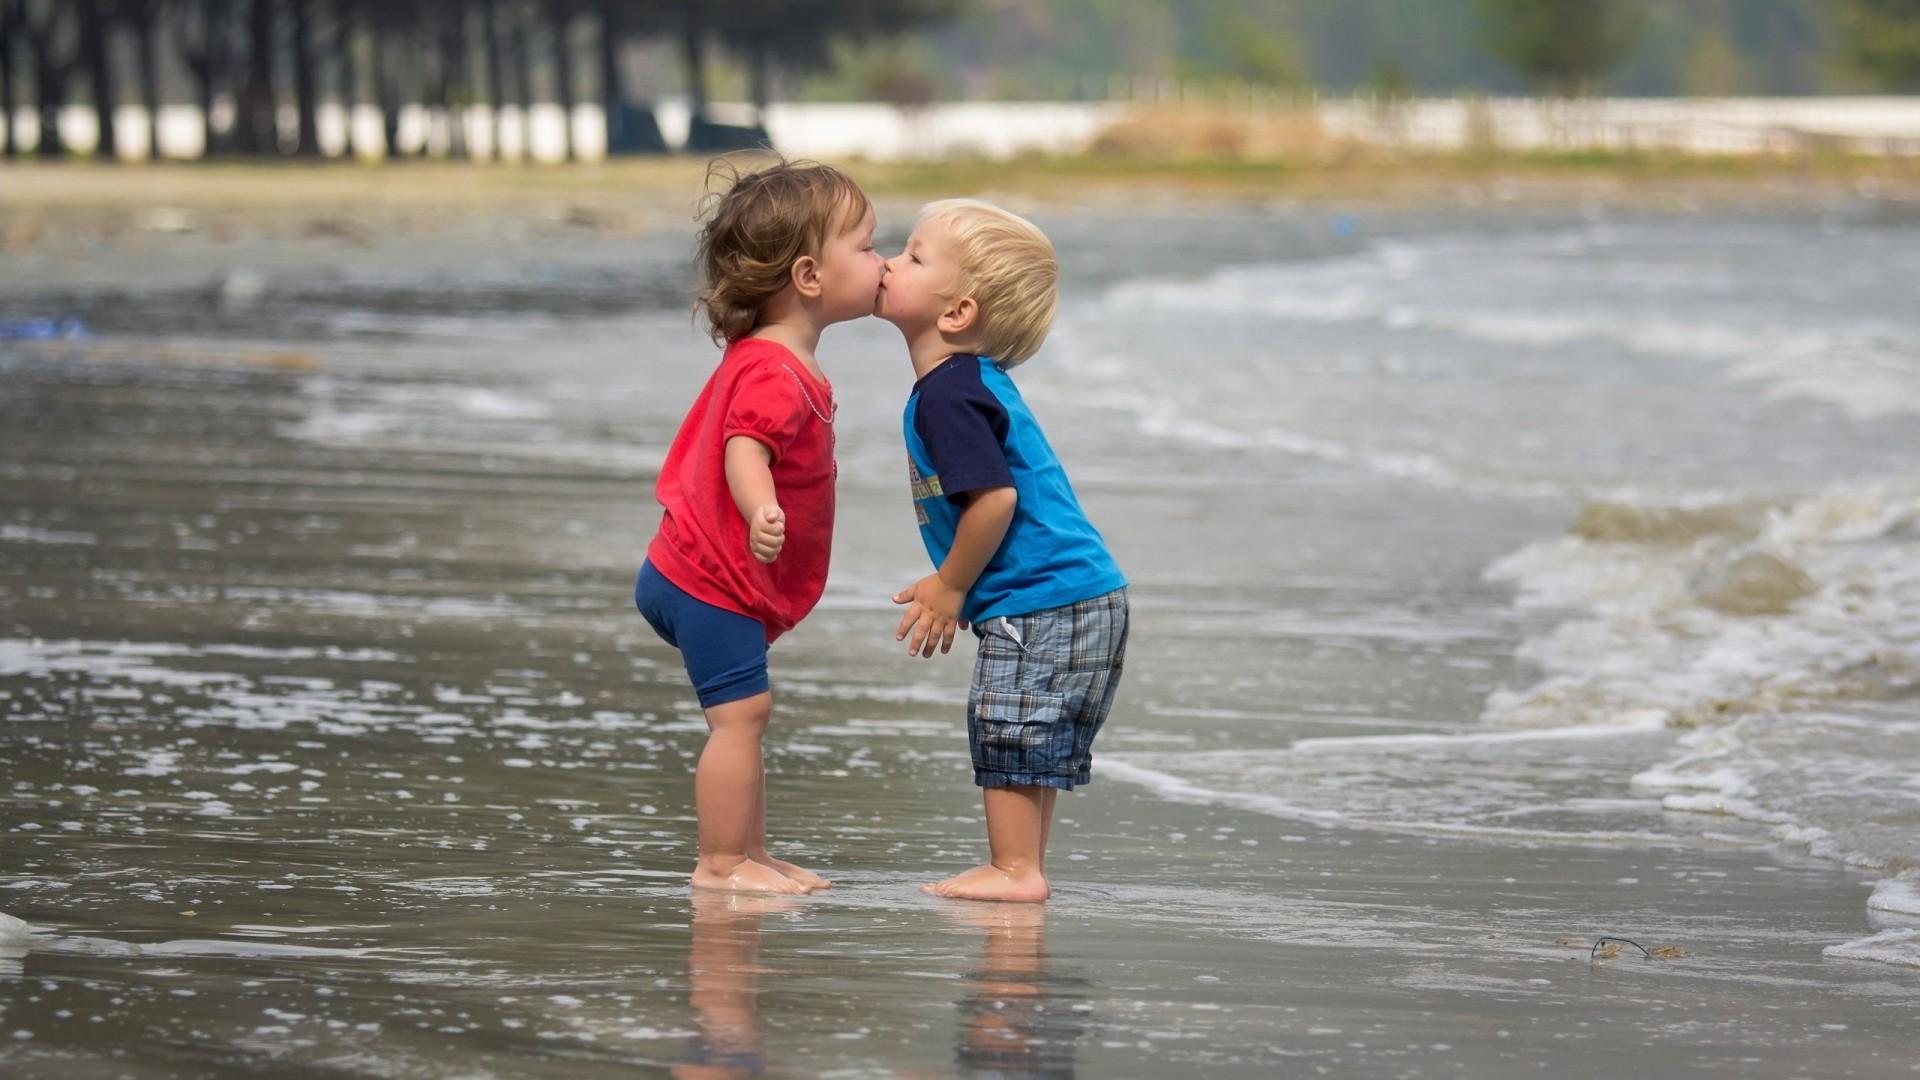 Children Boy Girl Kiss Beach Photography Cute   us  HD Wallpaper